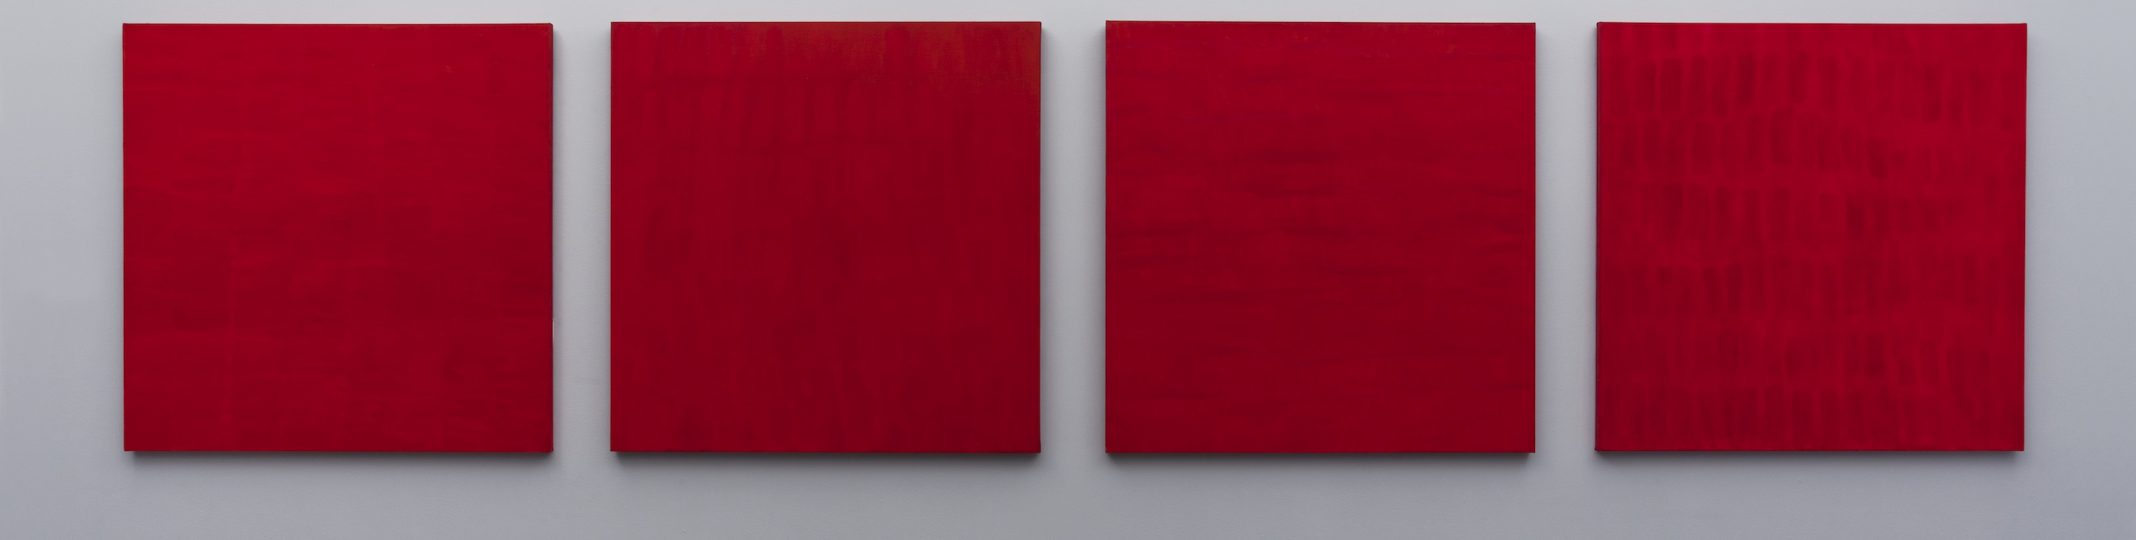 Françoise Sullivan, Rouge nos 2, 3, 5, 6, 1997